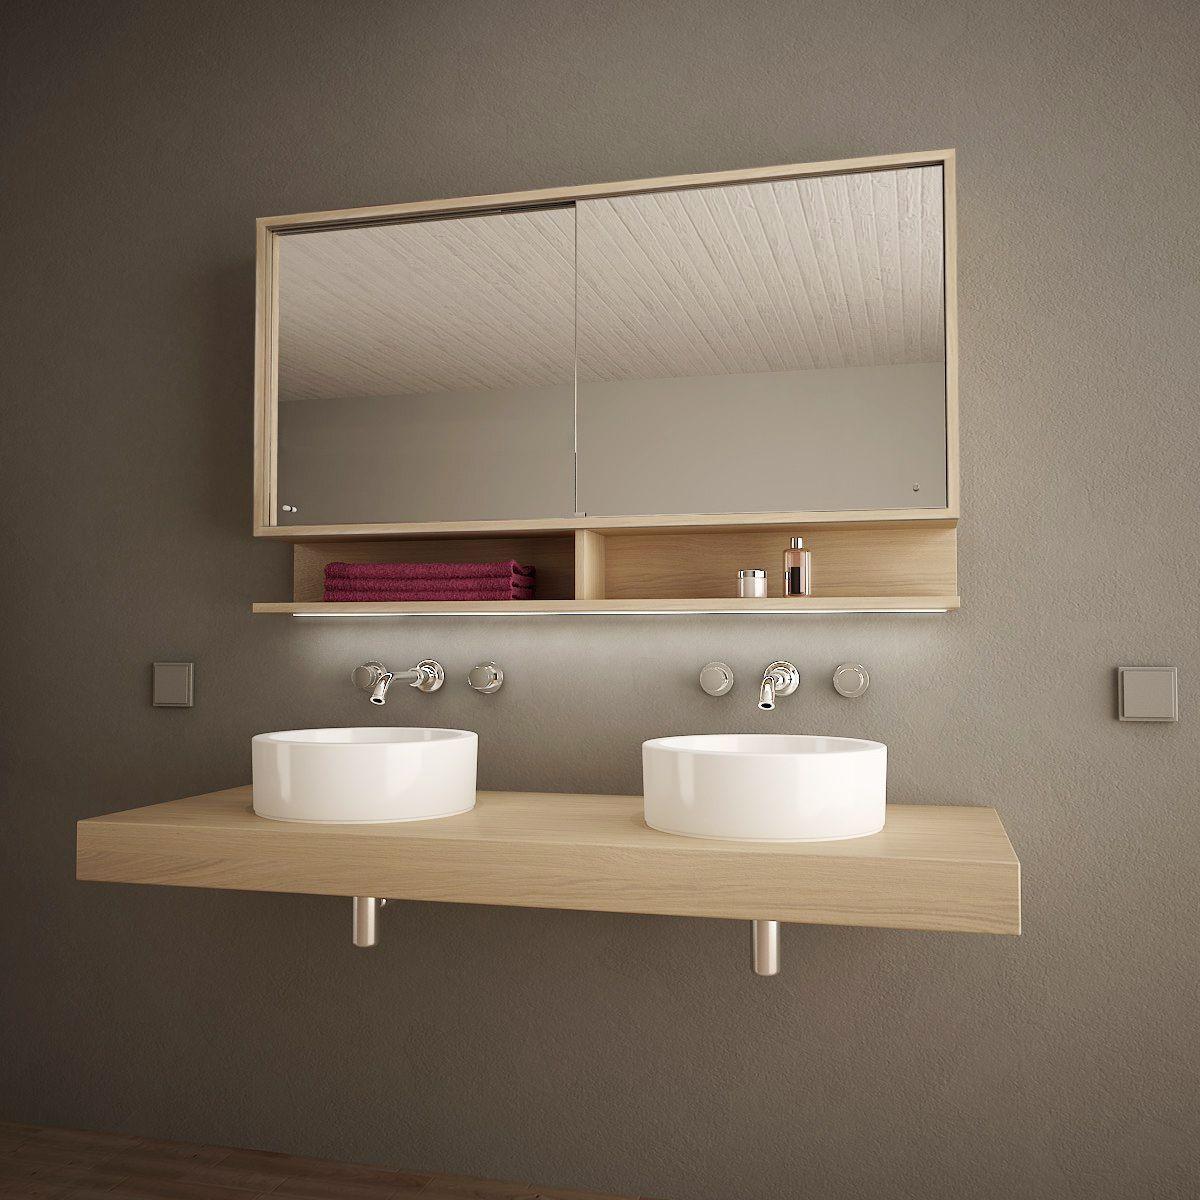 Spiegelschrank Mit Schiebet Ren Und Led Masima 989705218 Badezimmer Badmobel Badezimmermobel B In 2020 White Marble Bathrooms Bathroom Vanity Units Bathroom Design